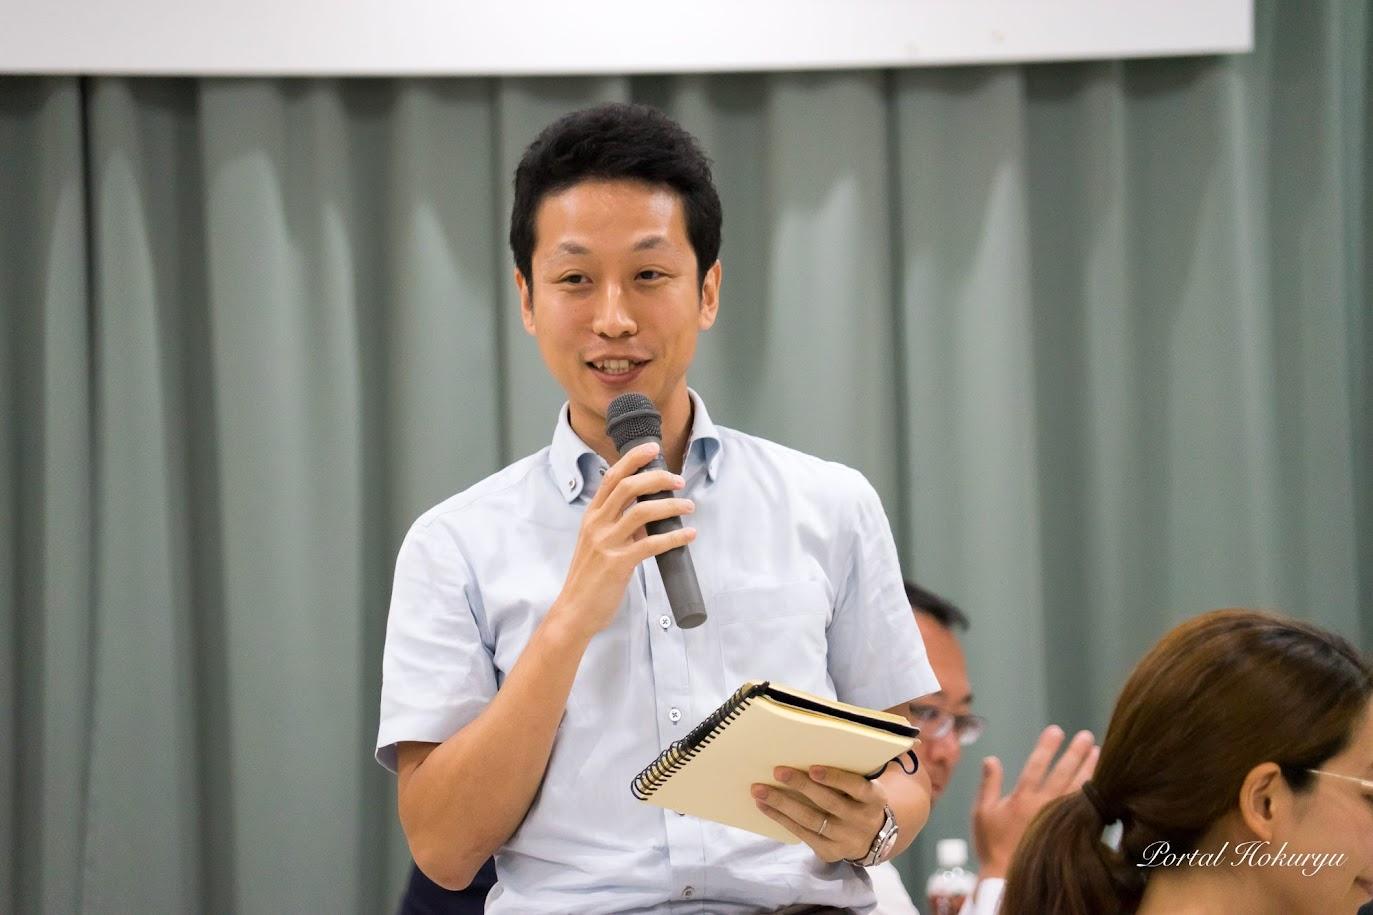 公認会計士(東日本大震災事業者再生支援機構)・石川直也氏(JAZY会計事務所 東京事務所長)